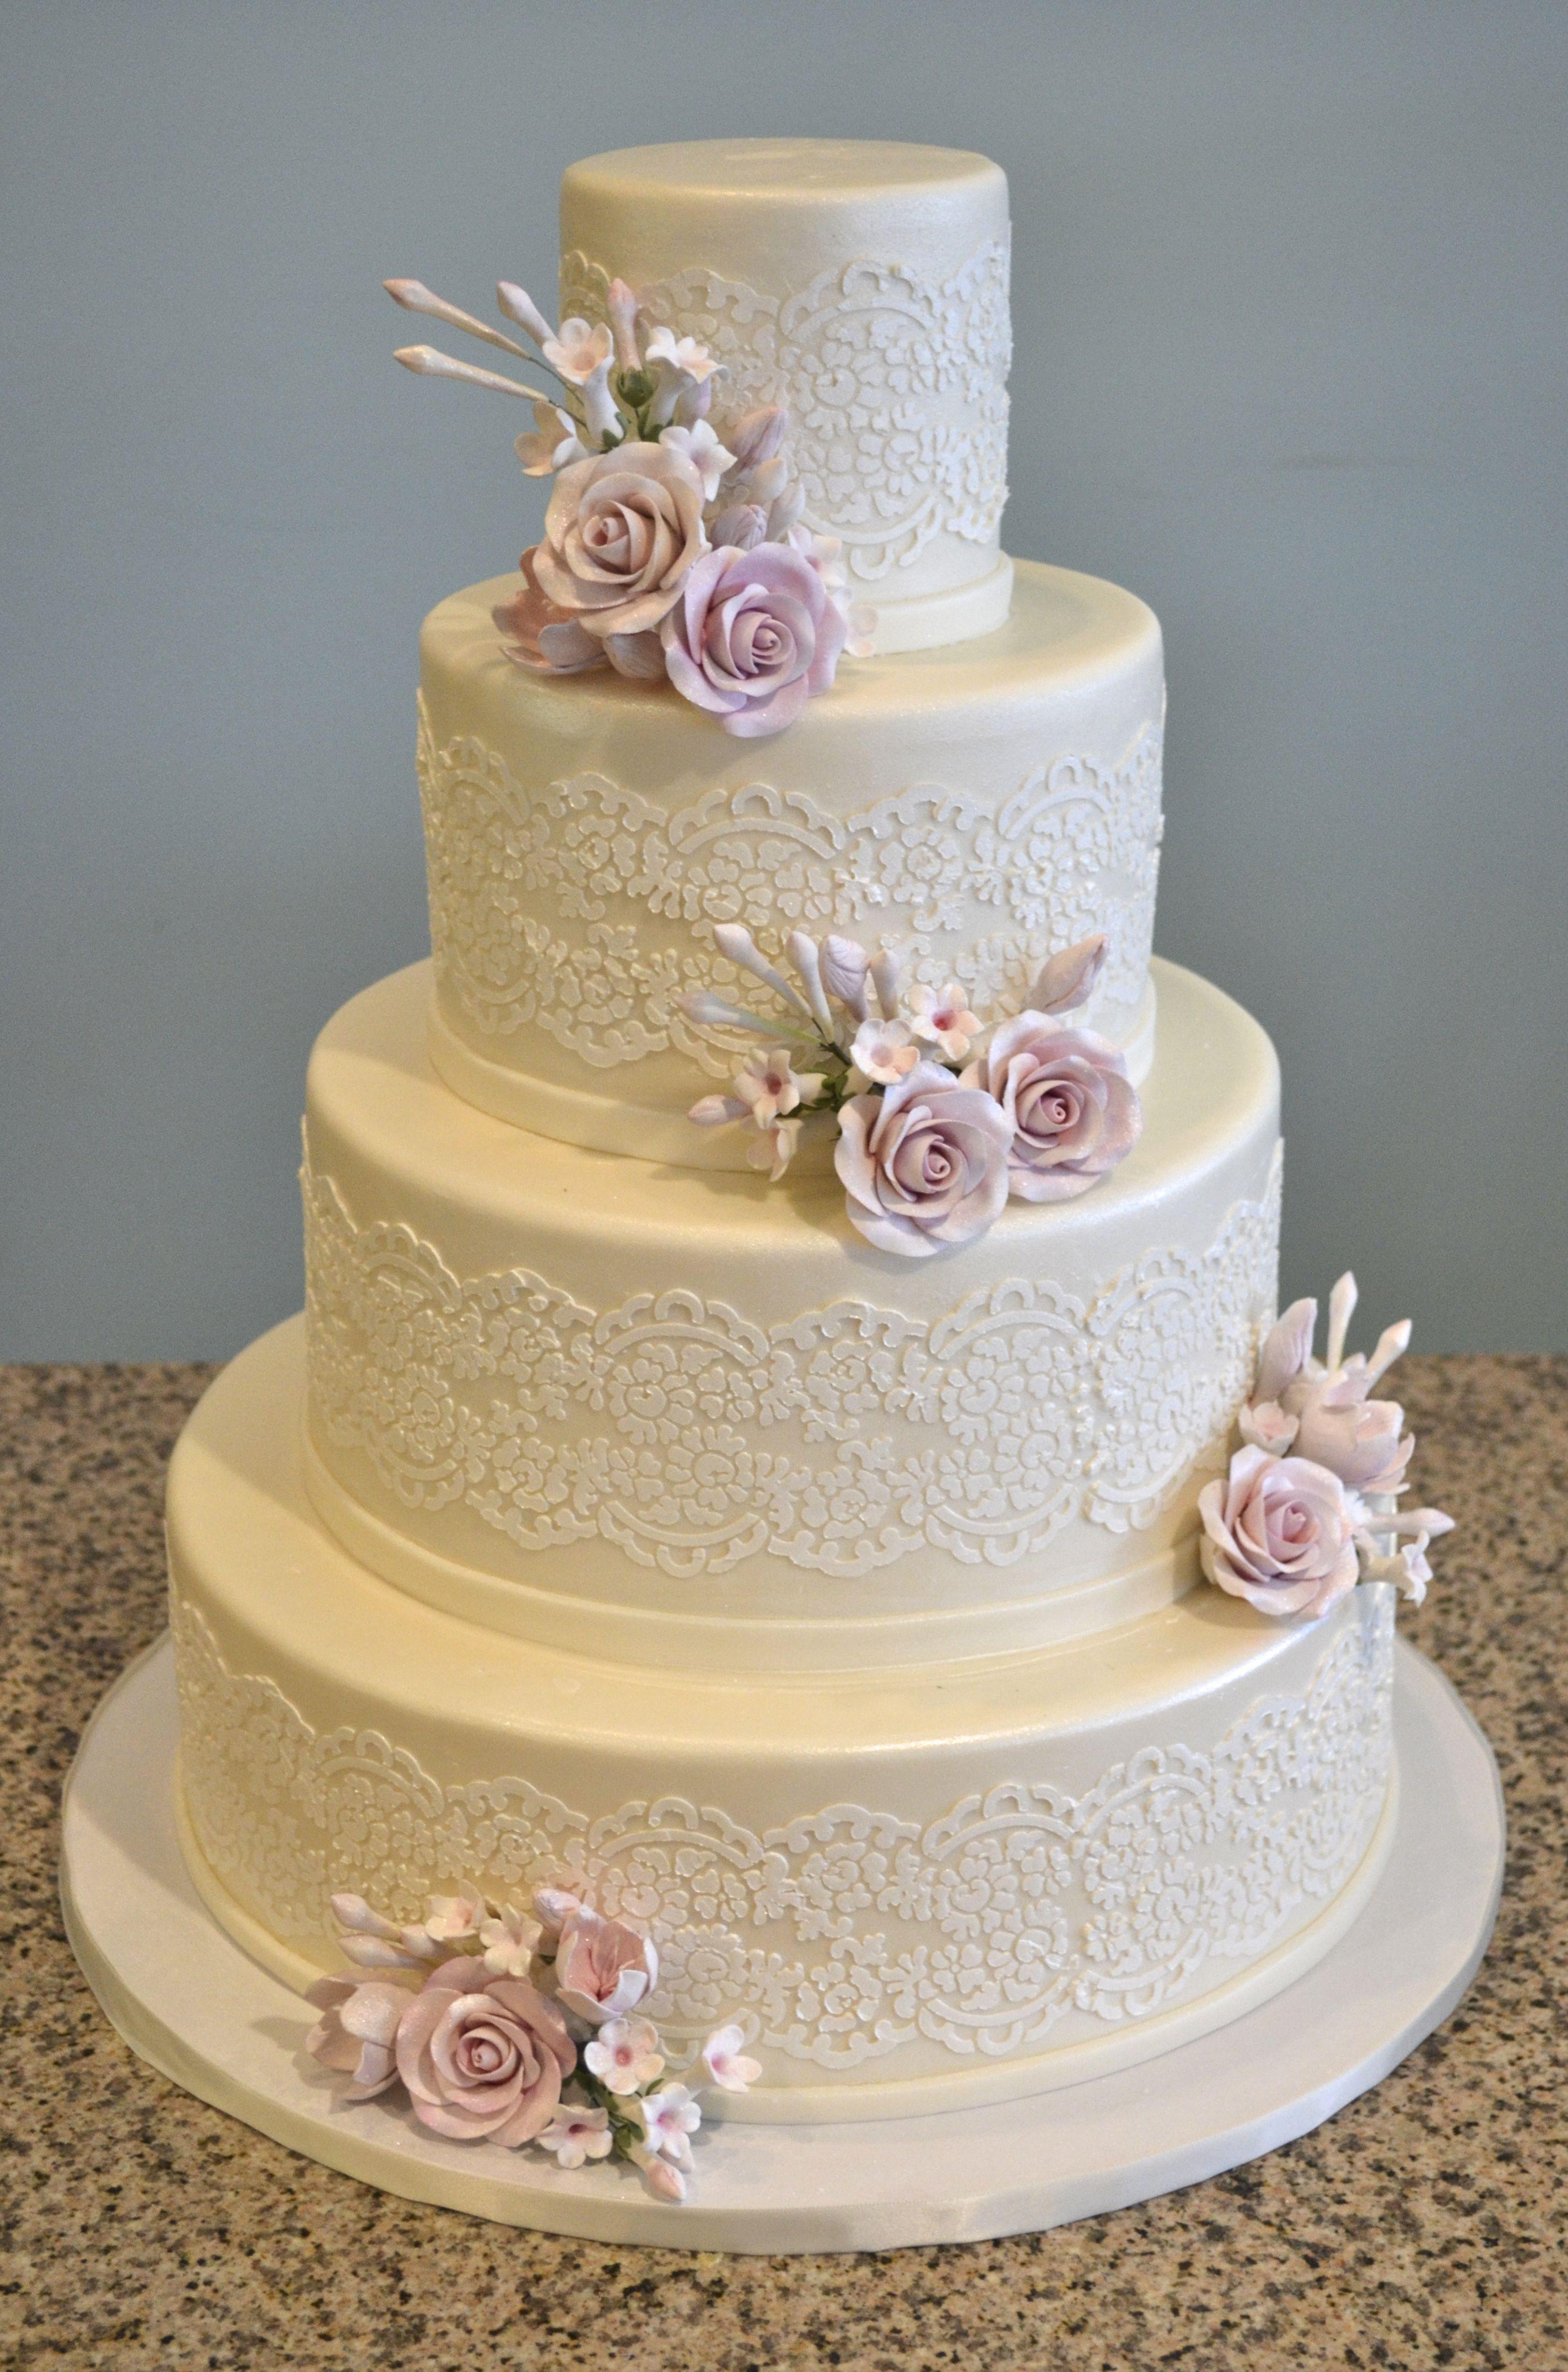 Lace patterned and sugar rose wedding cake Wedding cake